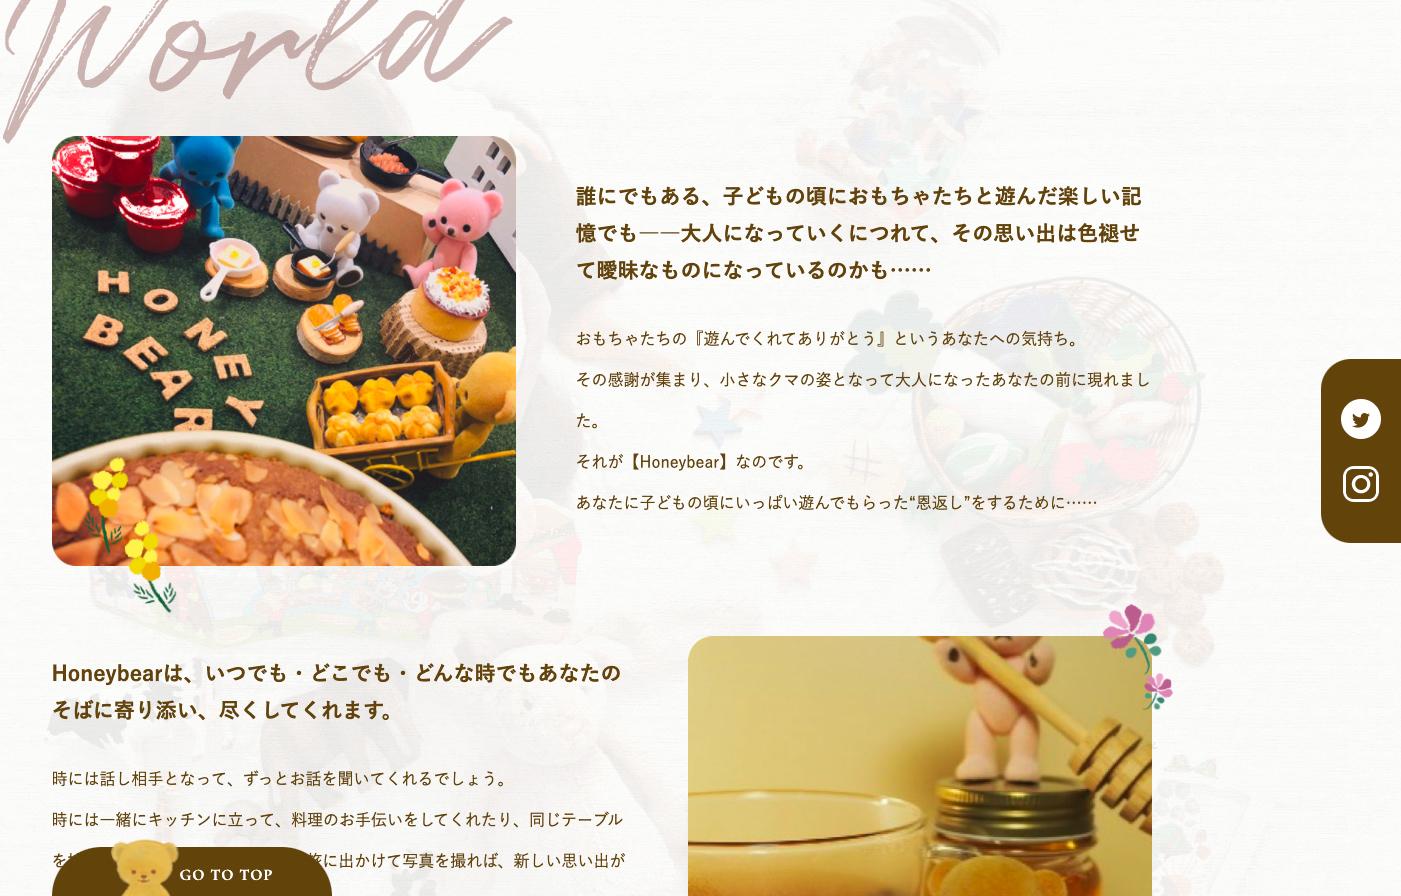 HoneyBearPCのイメージ